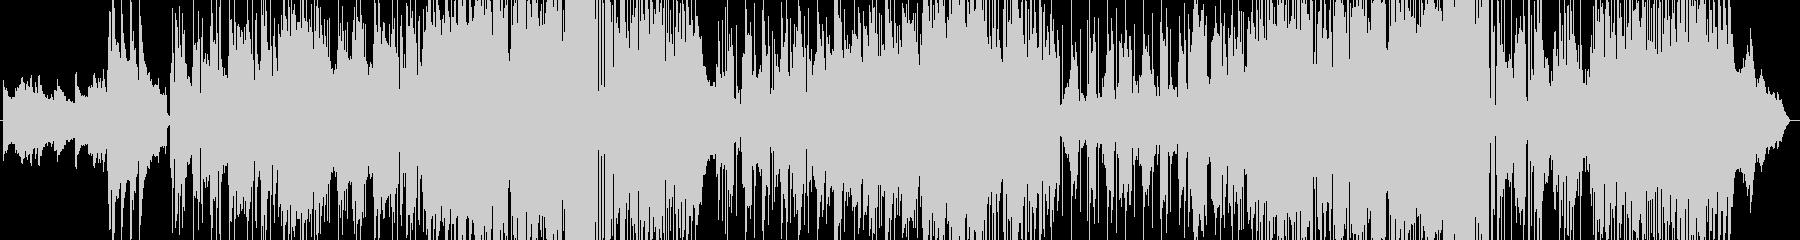 ギターとサックスの三拍子バラードの未再生の波形